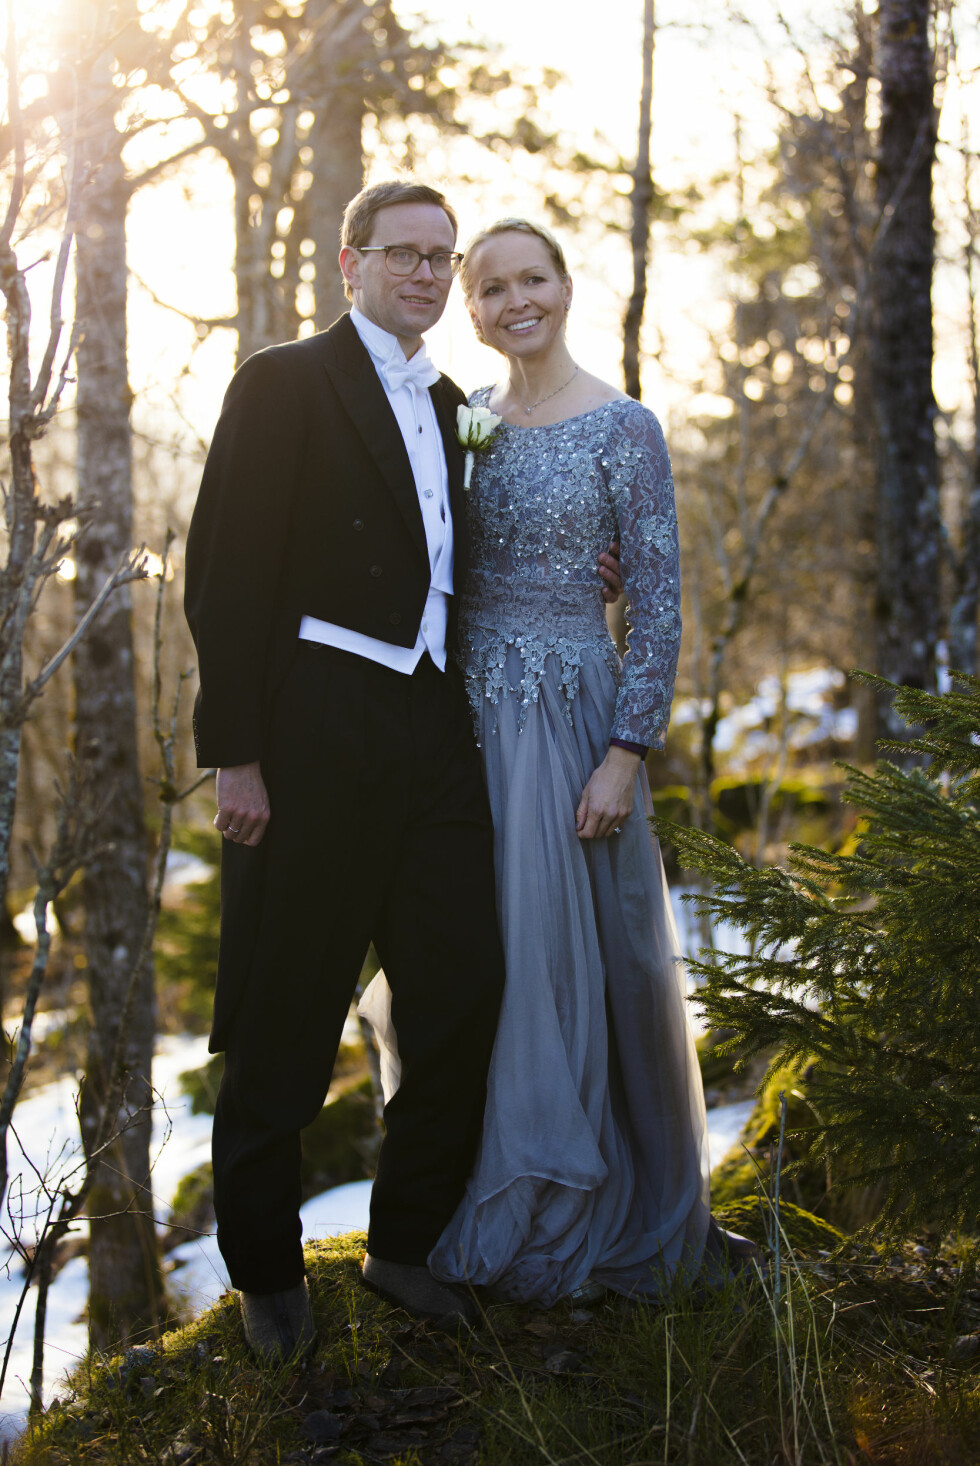 UTENDØRS: Ekteparet i naturskjønne omgivelser. FOTO: Even Hjartholm